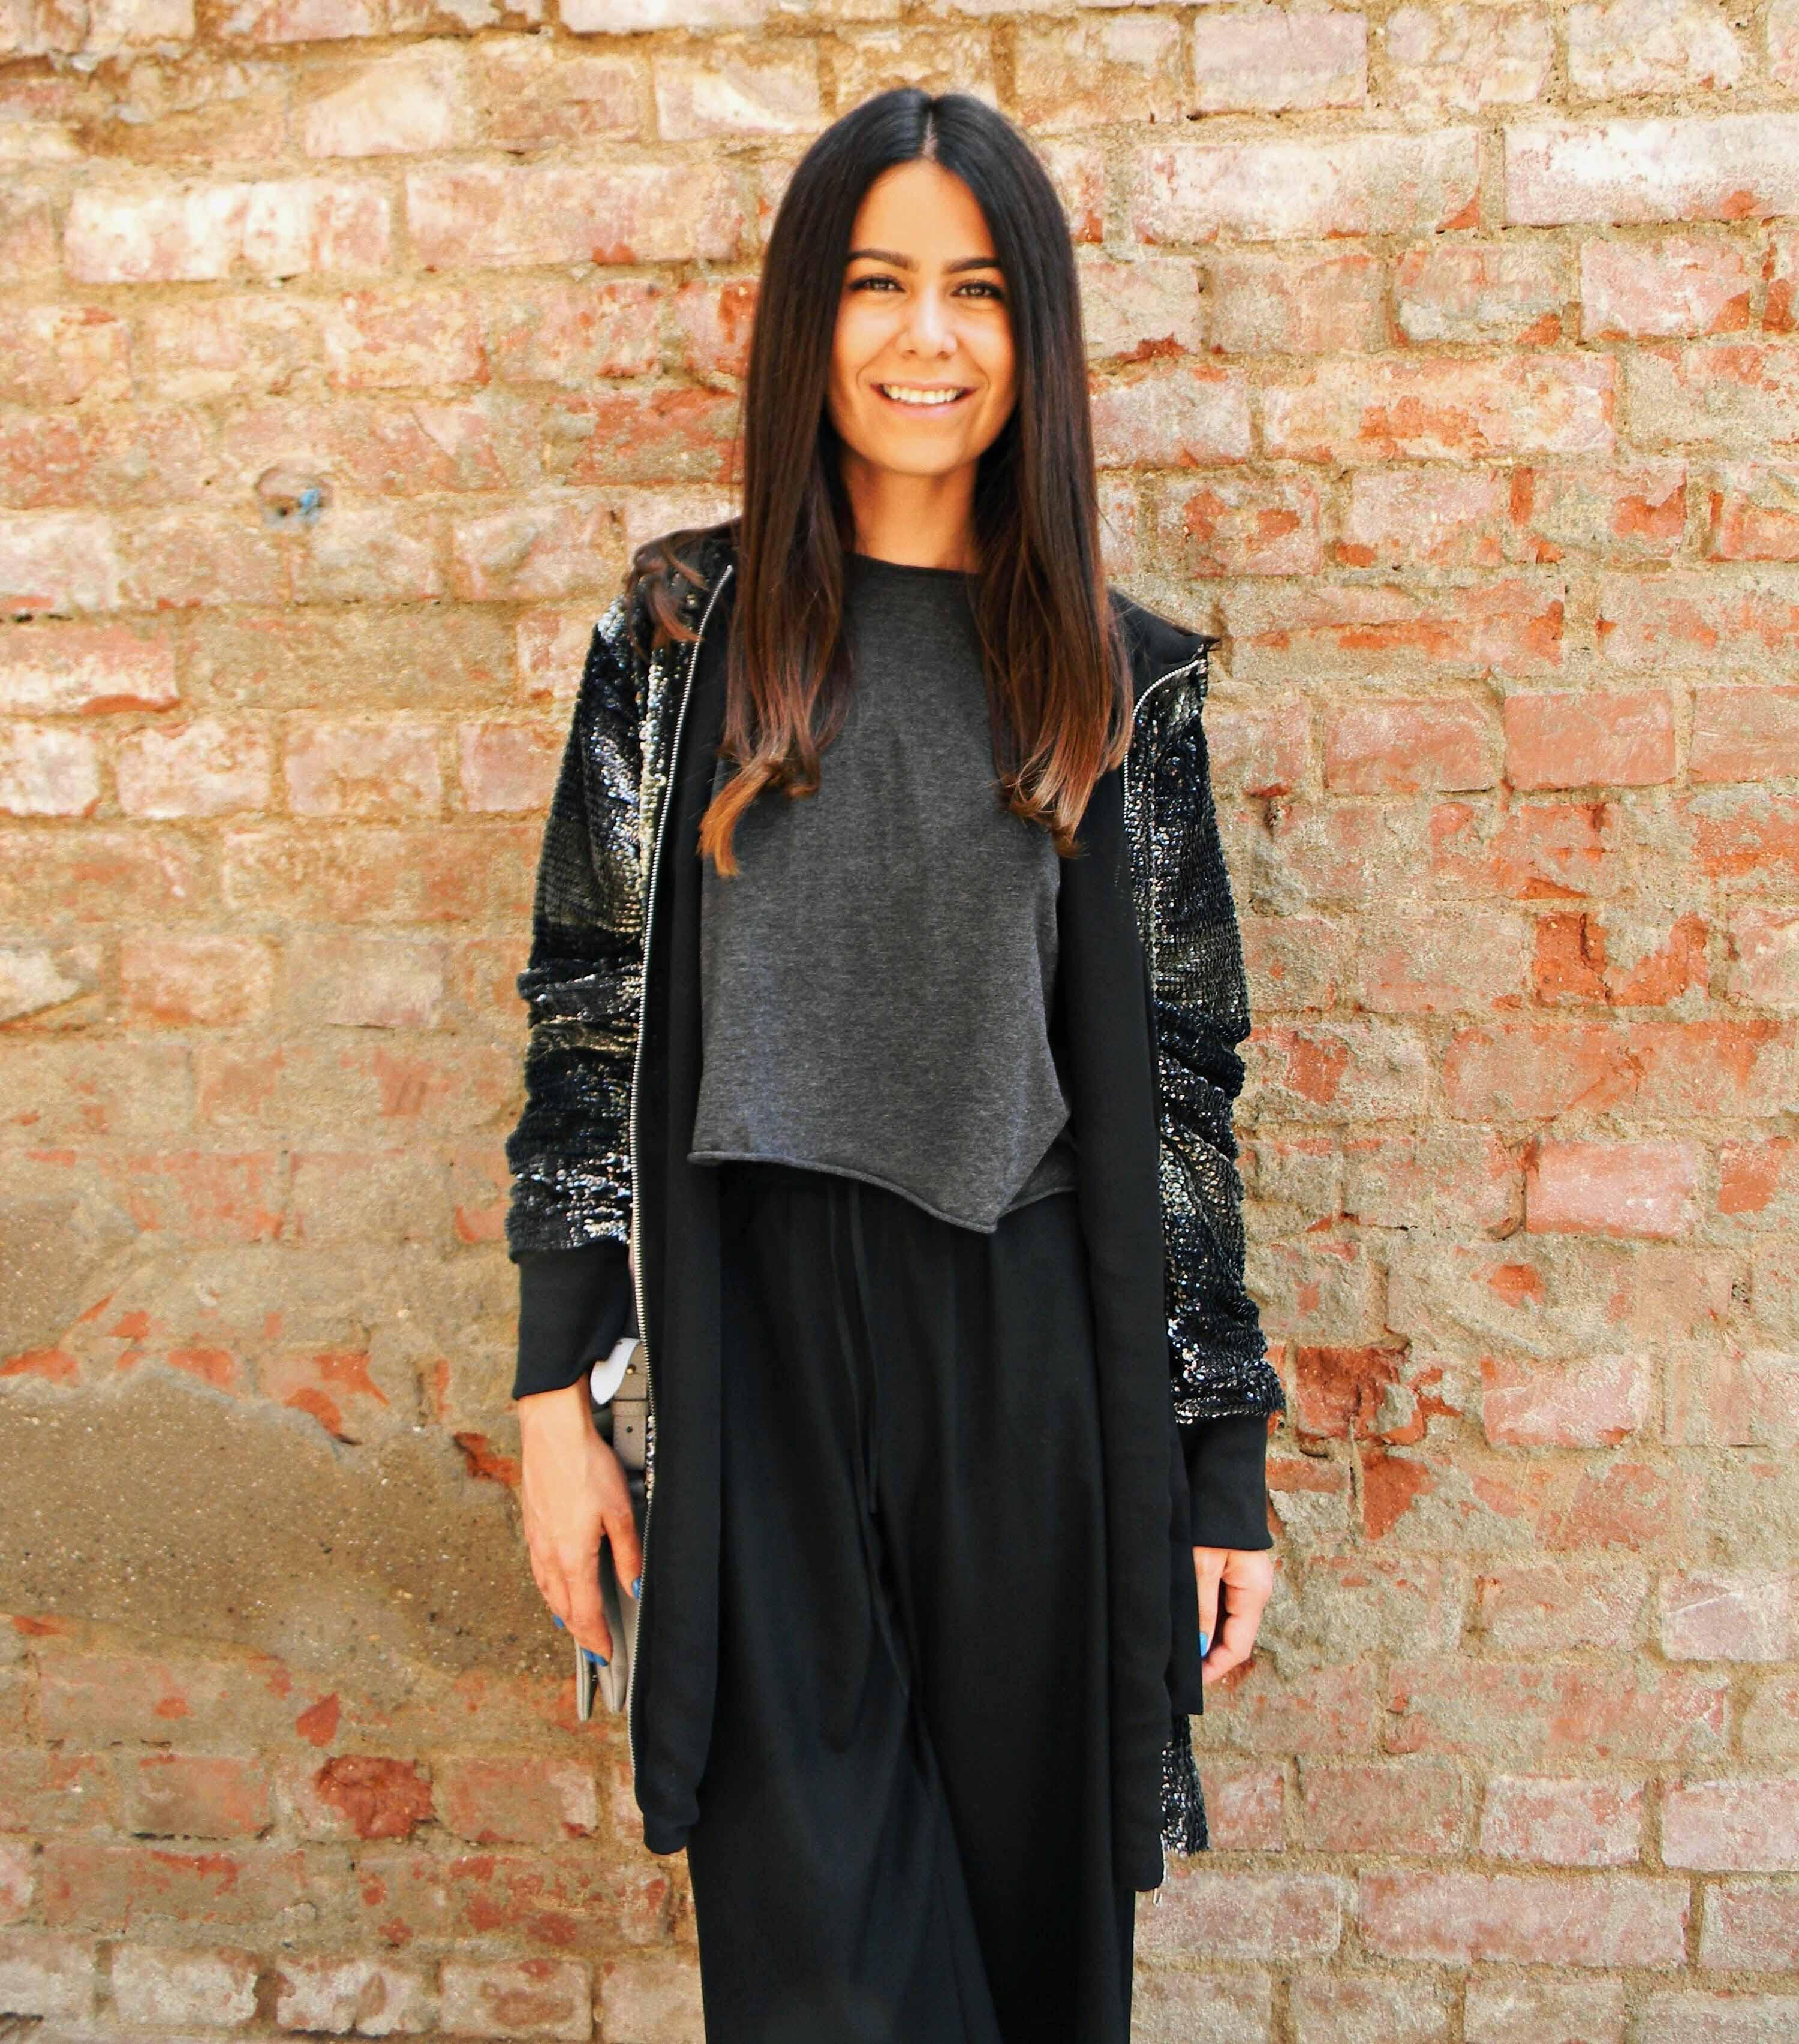 Ioana Vasii, street fashion